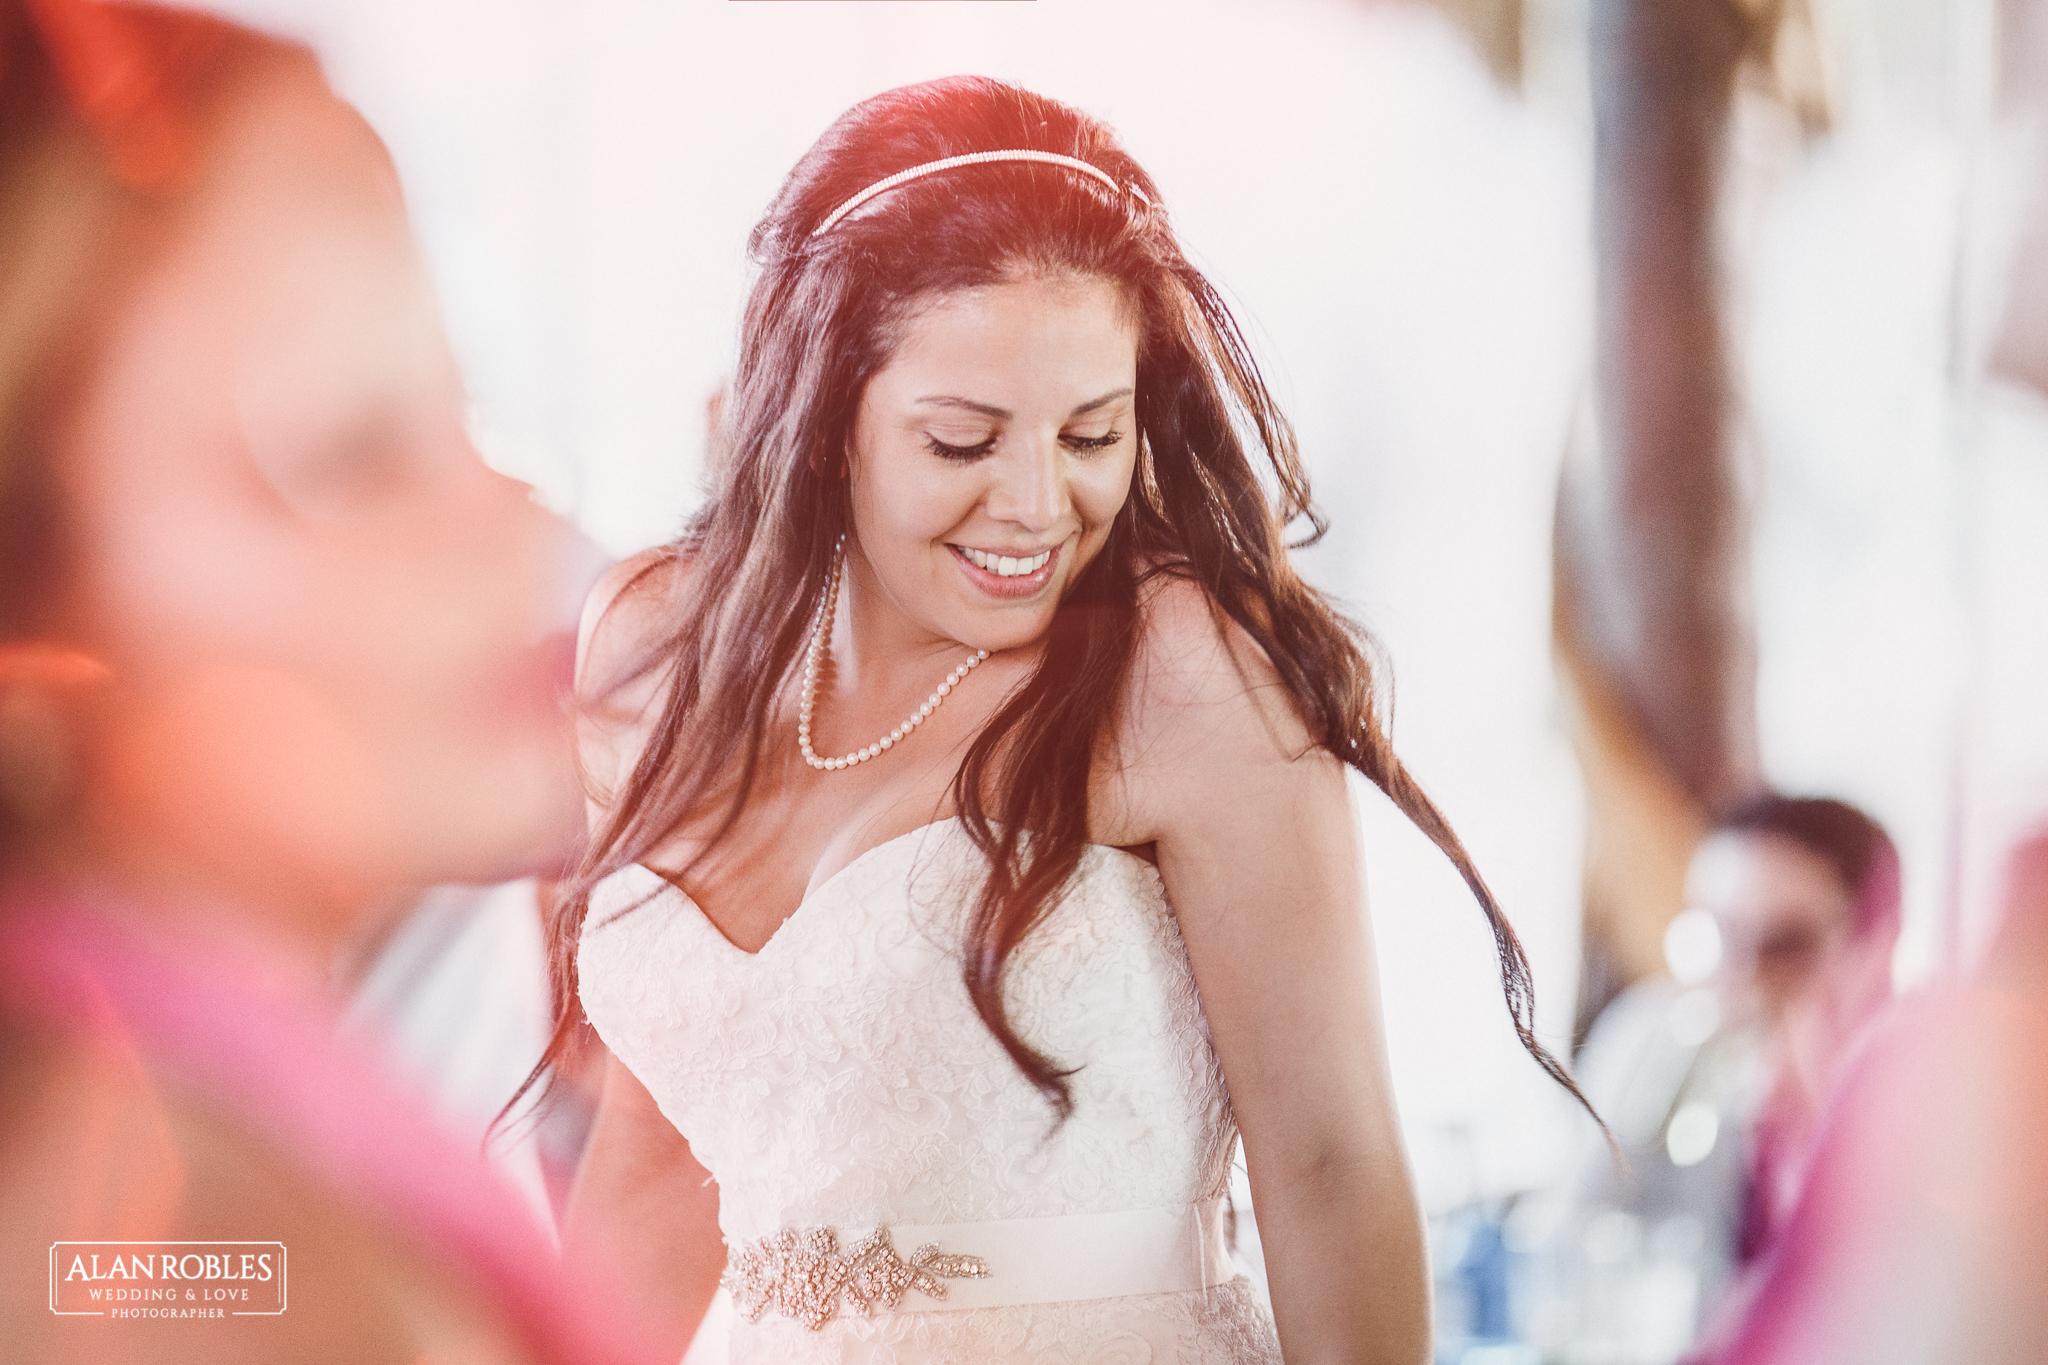 Novia bailando en Fiesta de boda en Hacienda Los Pozos.El mejor fotografo de Bodas Alan Robles.